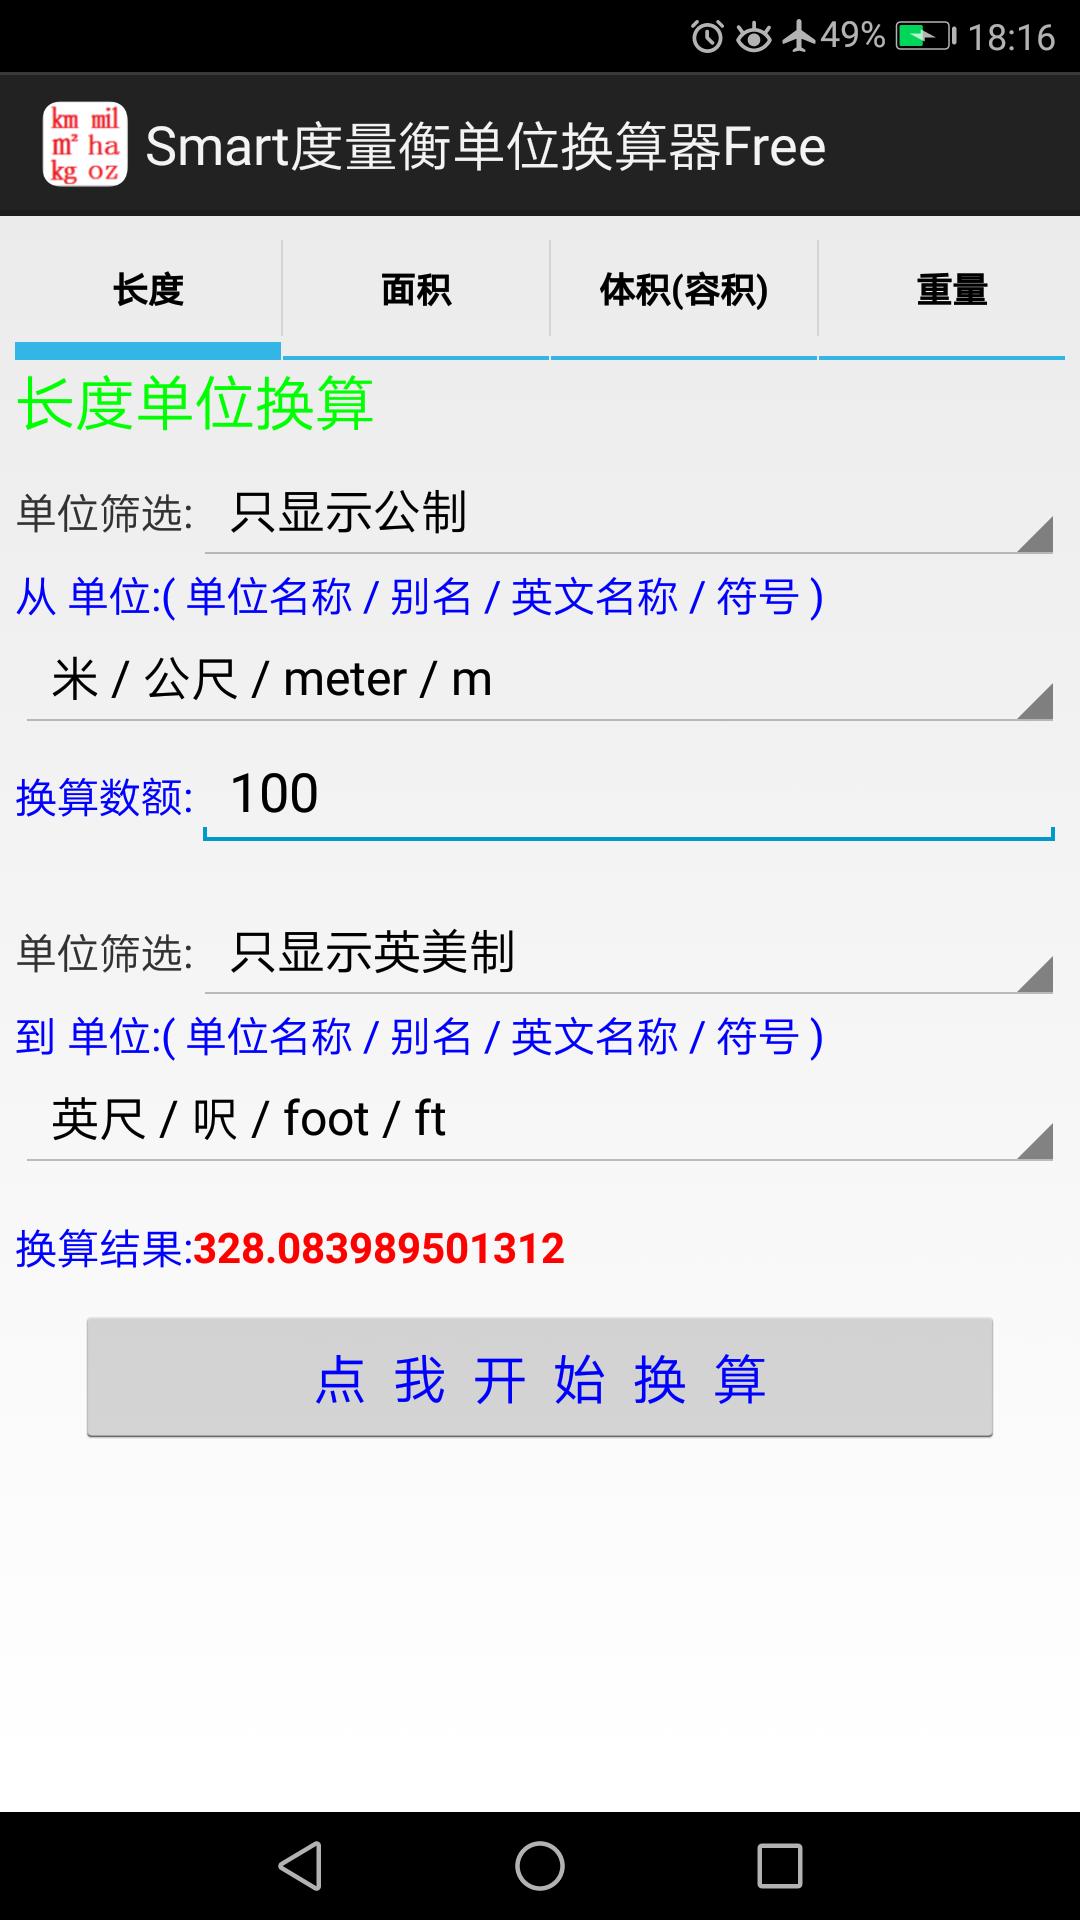 度量衡_free_ft.png